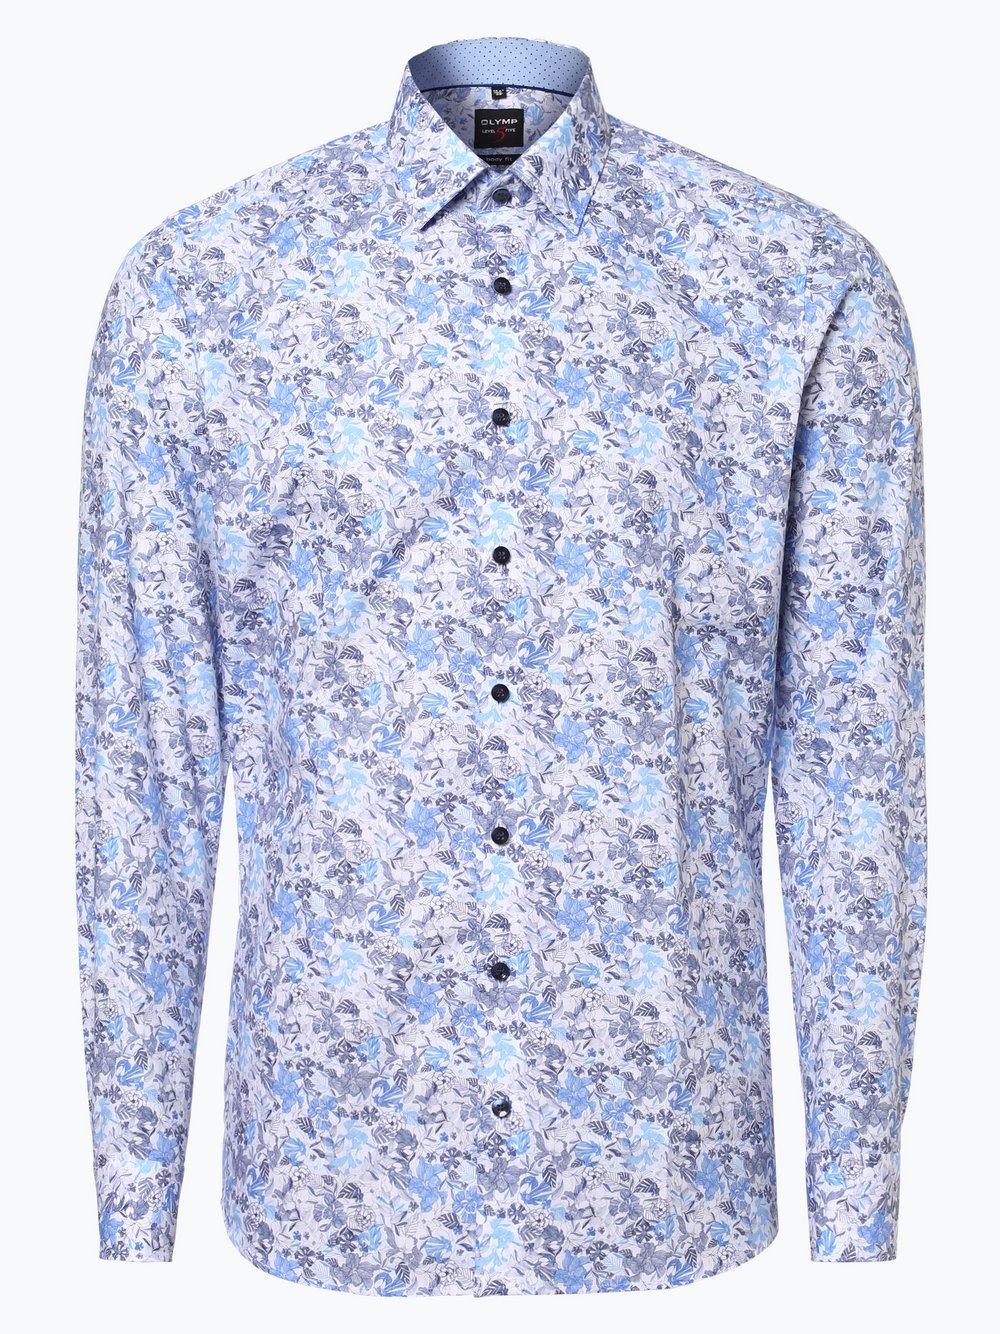 374b3a46fd33 OLYMP Level Five Herren Hemd Bügelleicht  2  online kaufen   PEEK ...